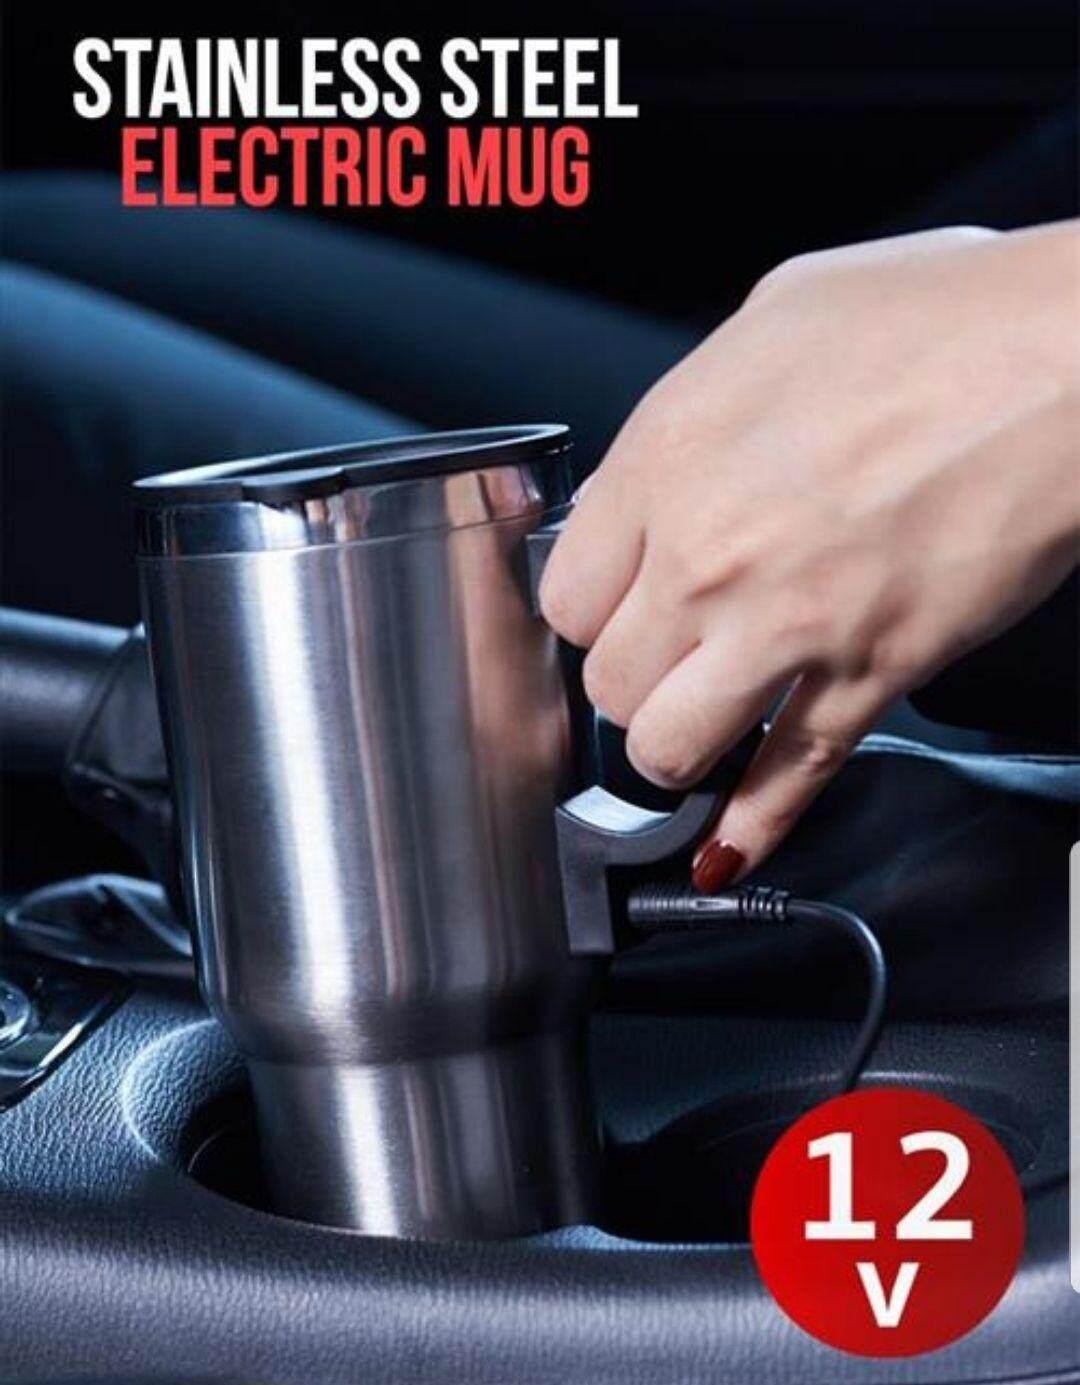 แก้วอุ่นเครื่องดื่มร้อนในรถยนต์ แก้วอุ่นการแฟร้อน แก้วอุ่นนมร้อน แก้วทำความร้อนในรถยนต์ แก้วต้มน้ำร้อนติดรถยนต์ By Kungza Shop.